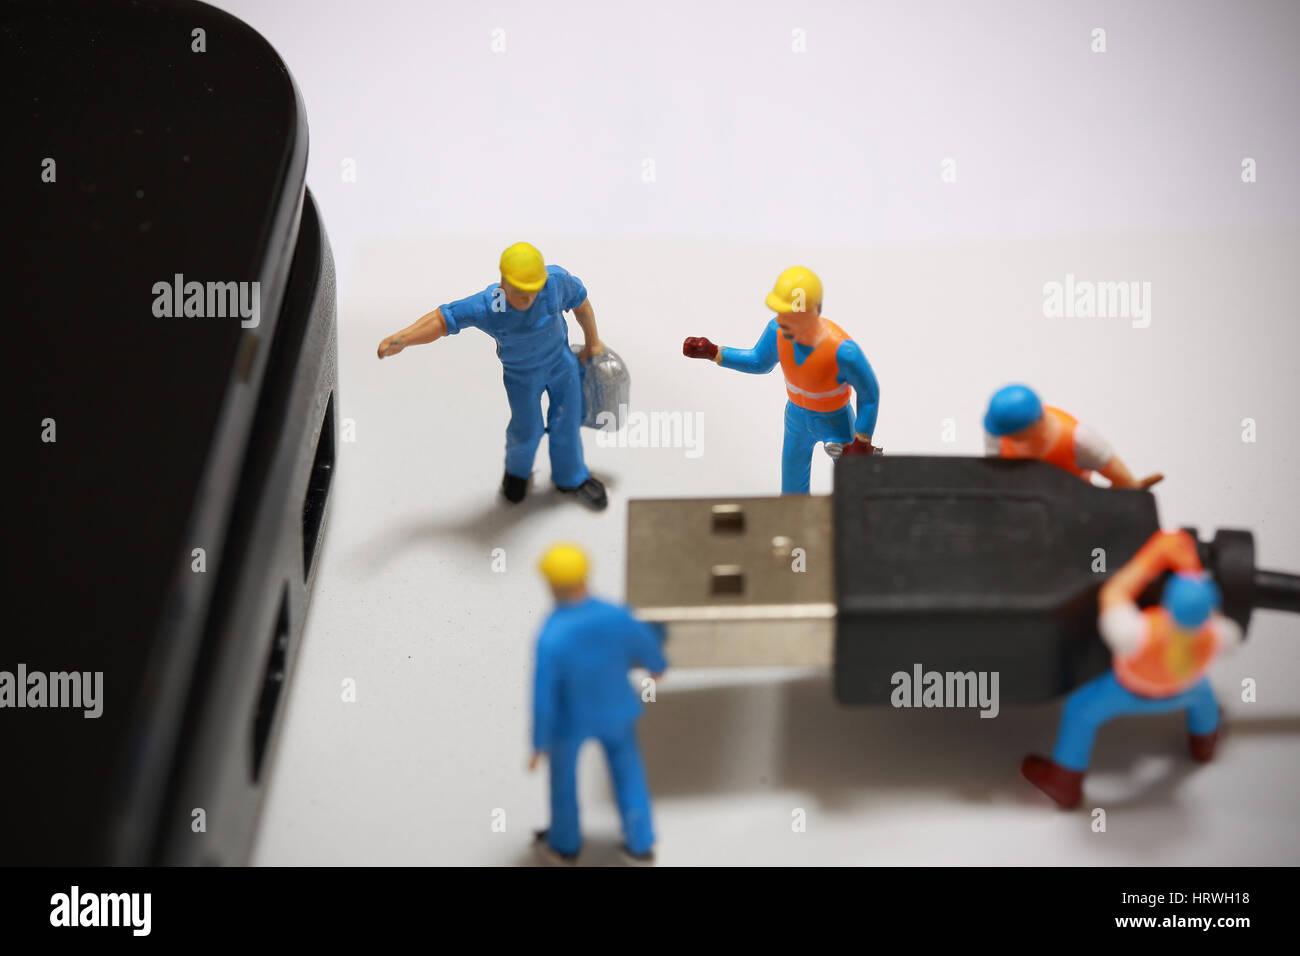 El enfoque selectivo de ingeniero en miniatura y trabajador plugin puerto USB al ordenador y utilizar para negocios Foto de stock